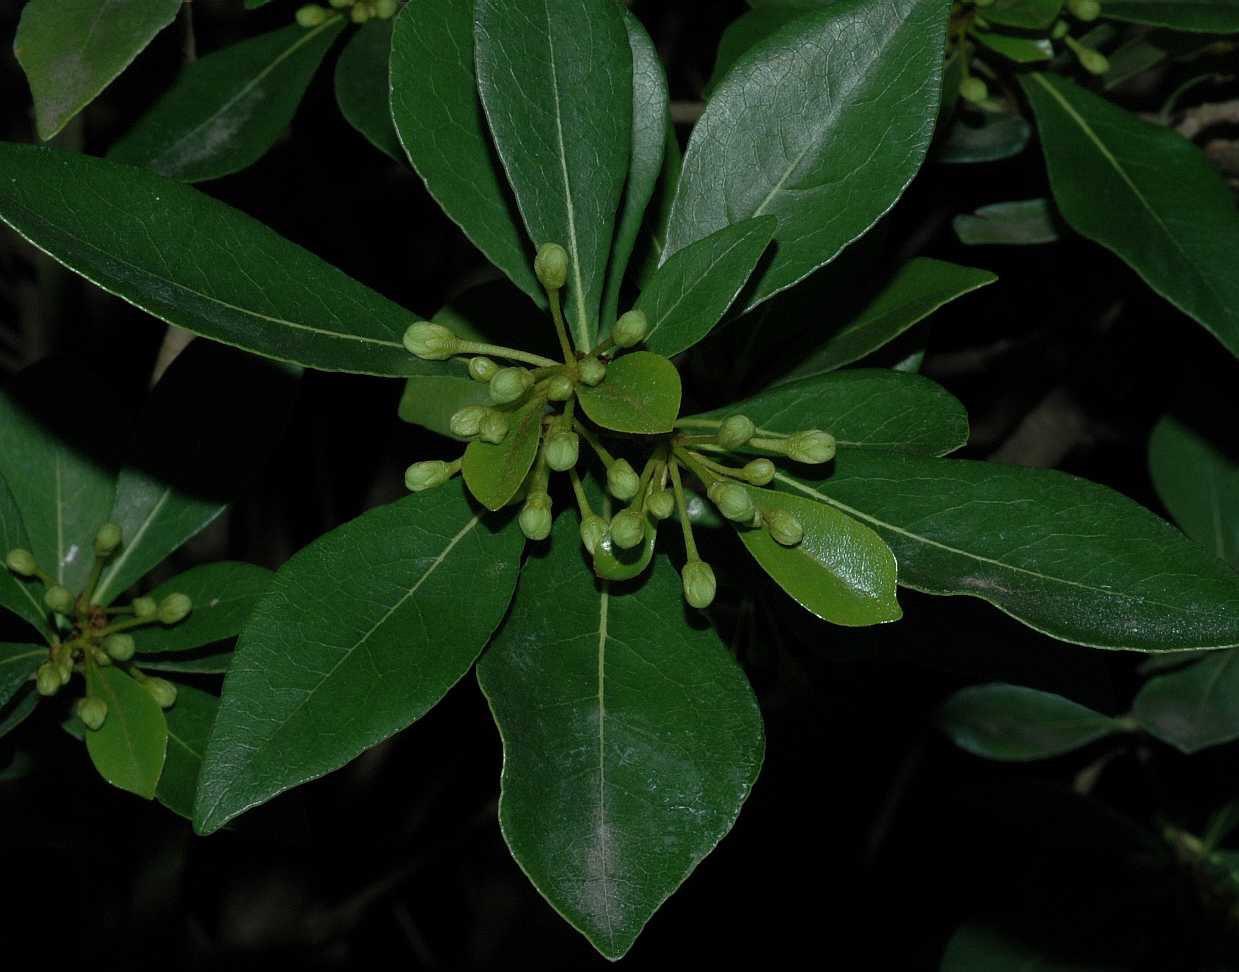 Η Αγγελική μικρόφυλλη (Pittosporium heterophyllum) είναι θάμνος αειθαλής, που φτάνει μέχρι τα 4 μέτρα, με πυκνή βλάστηση και μικρά φύλλα, δερματώδη.